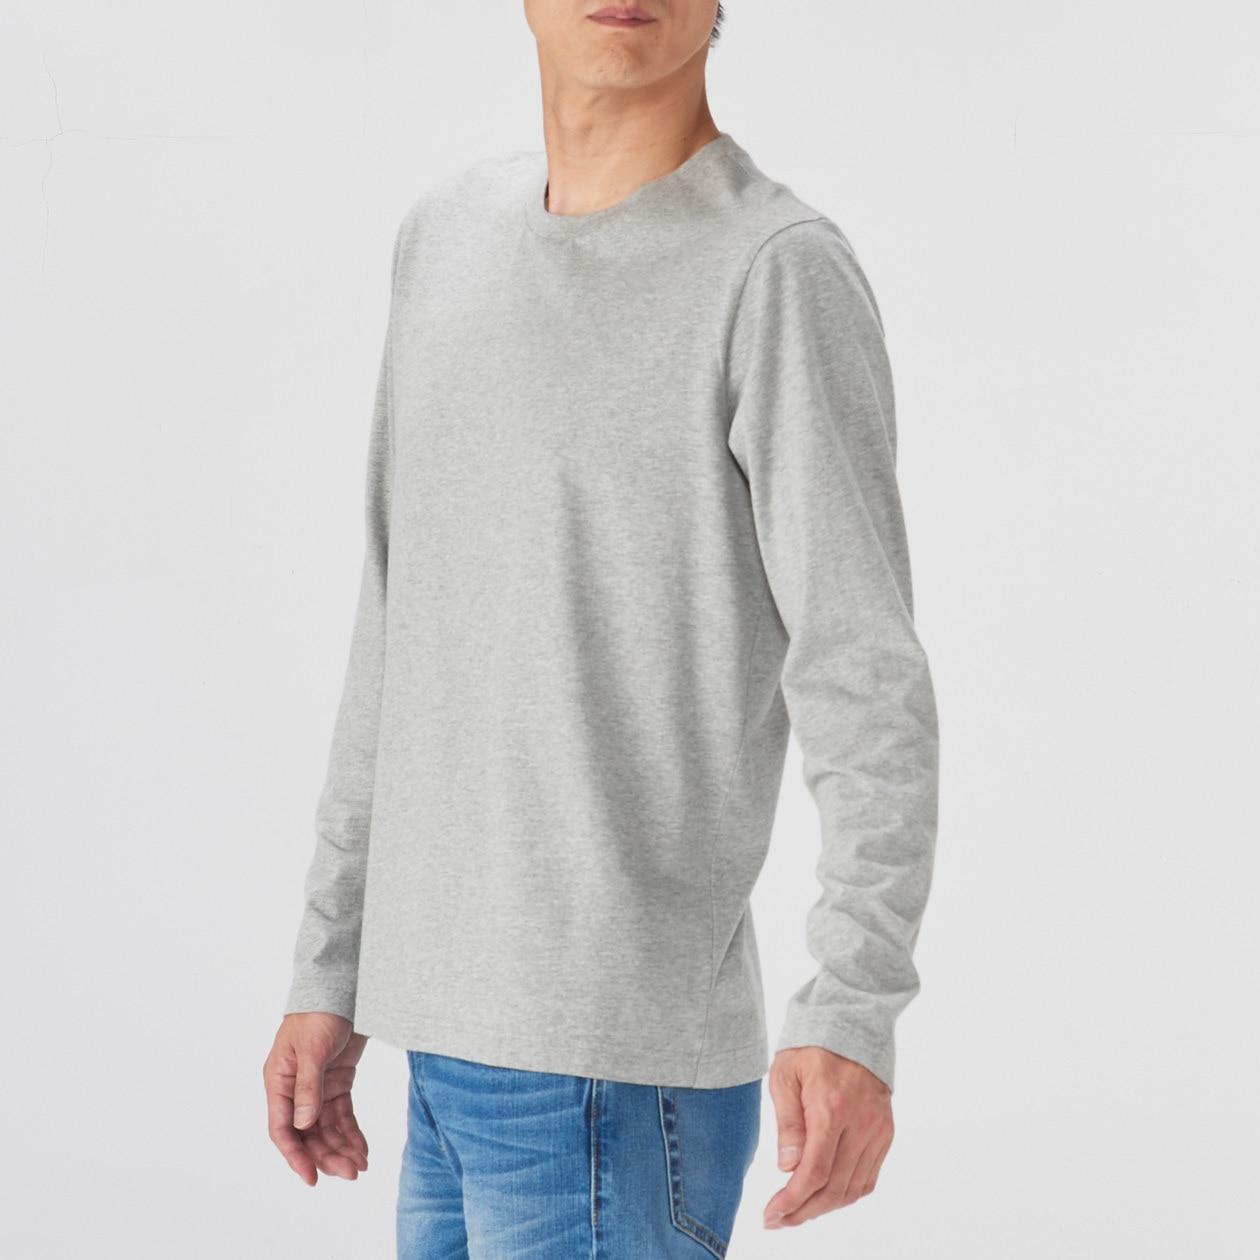 オーガニックコットンクルーネック長袖Tシャツ